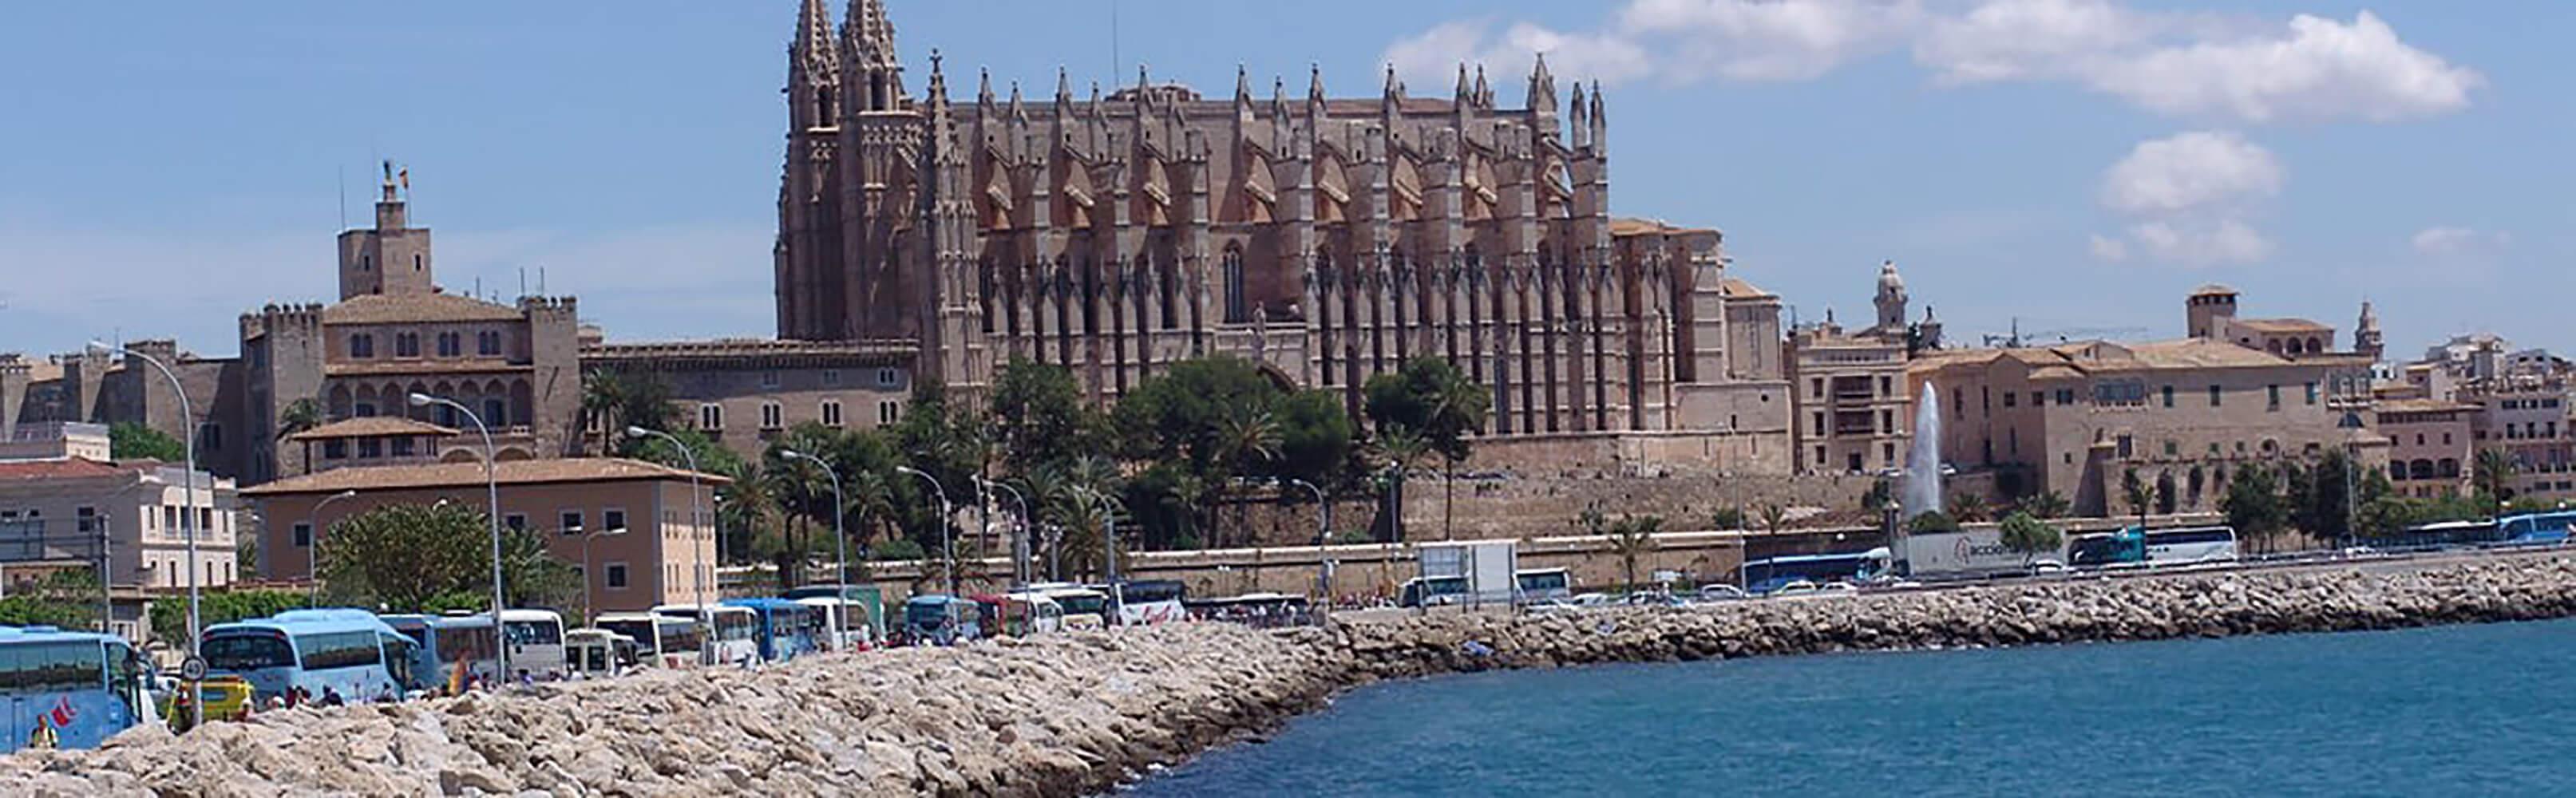 Catedral de Palma de Mallorca 1